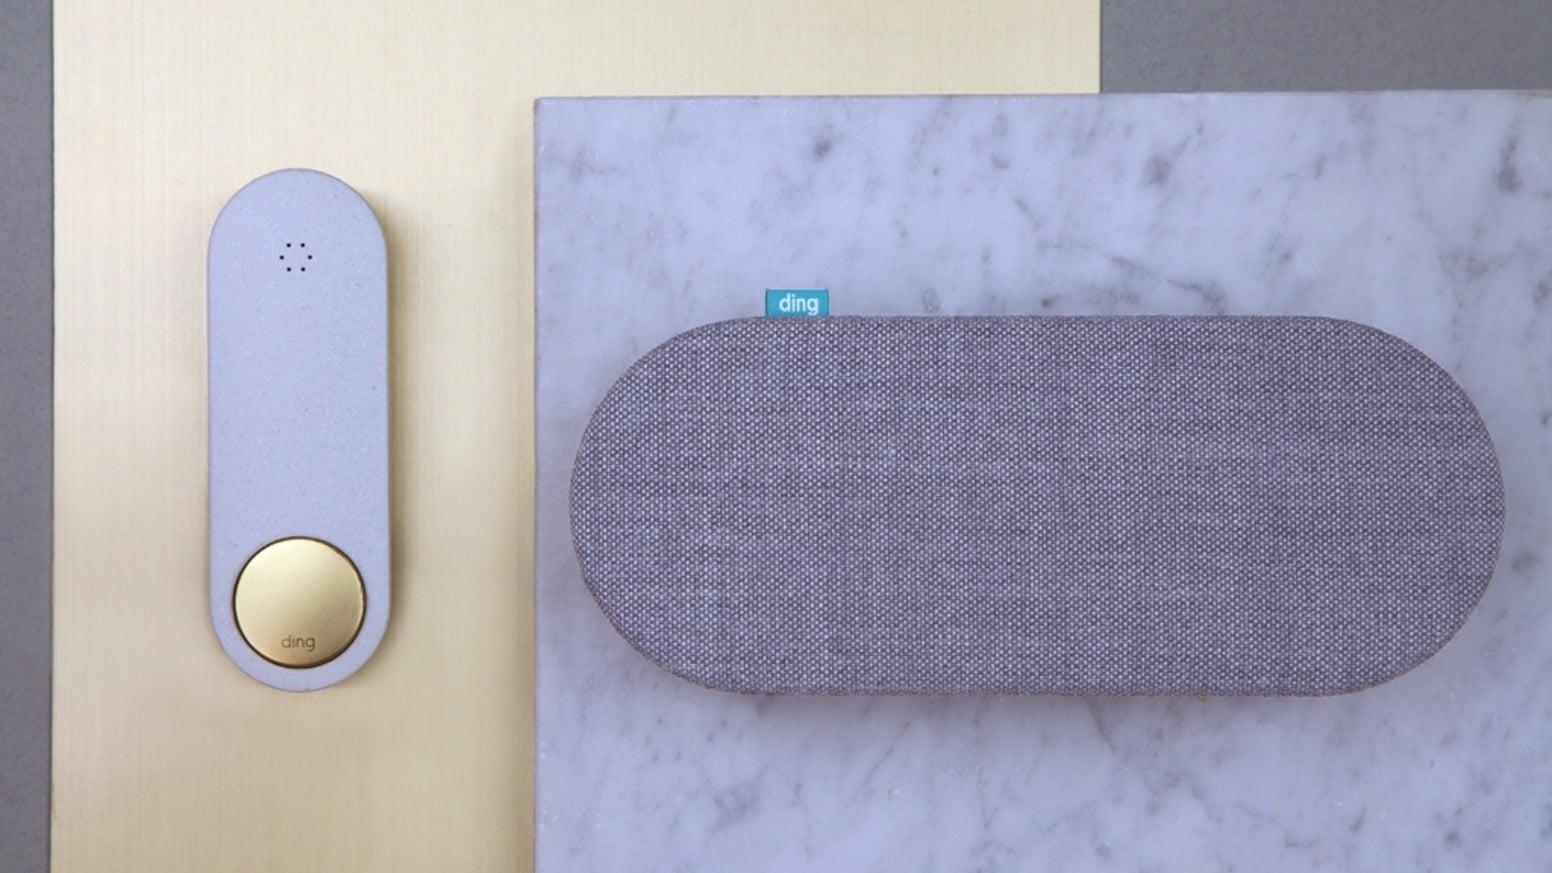 Ding Doorbell Uk News Smart Home Geeks